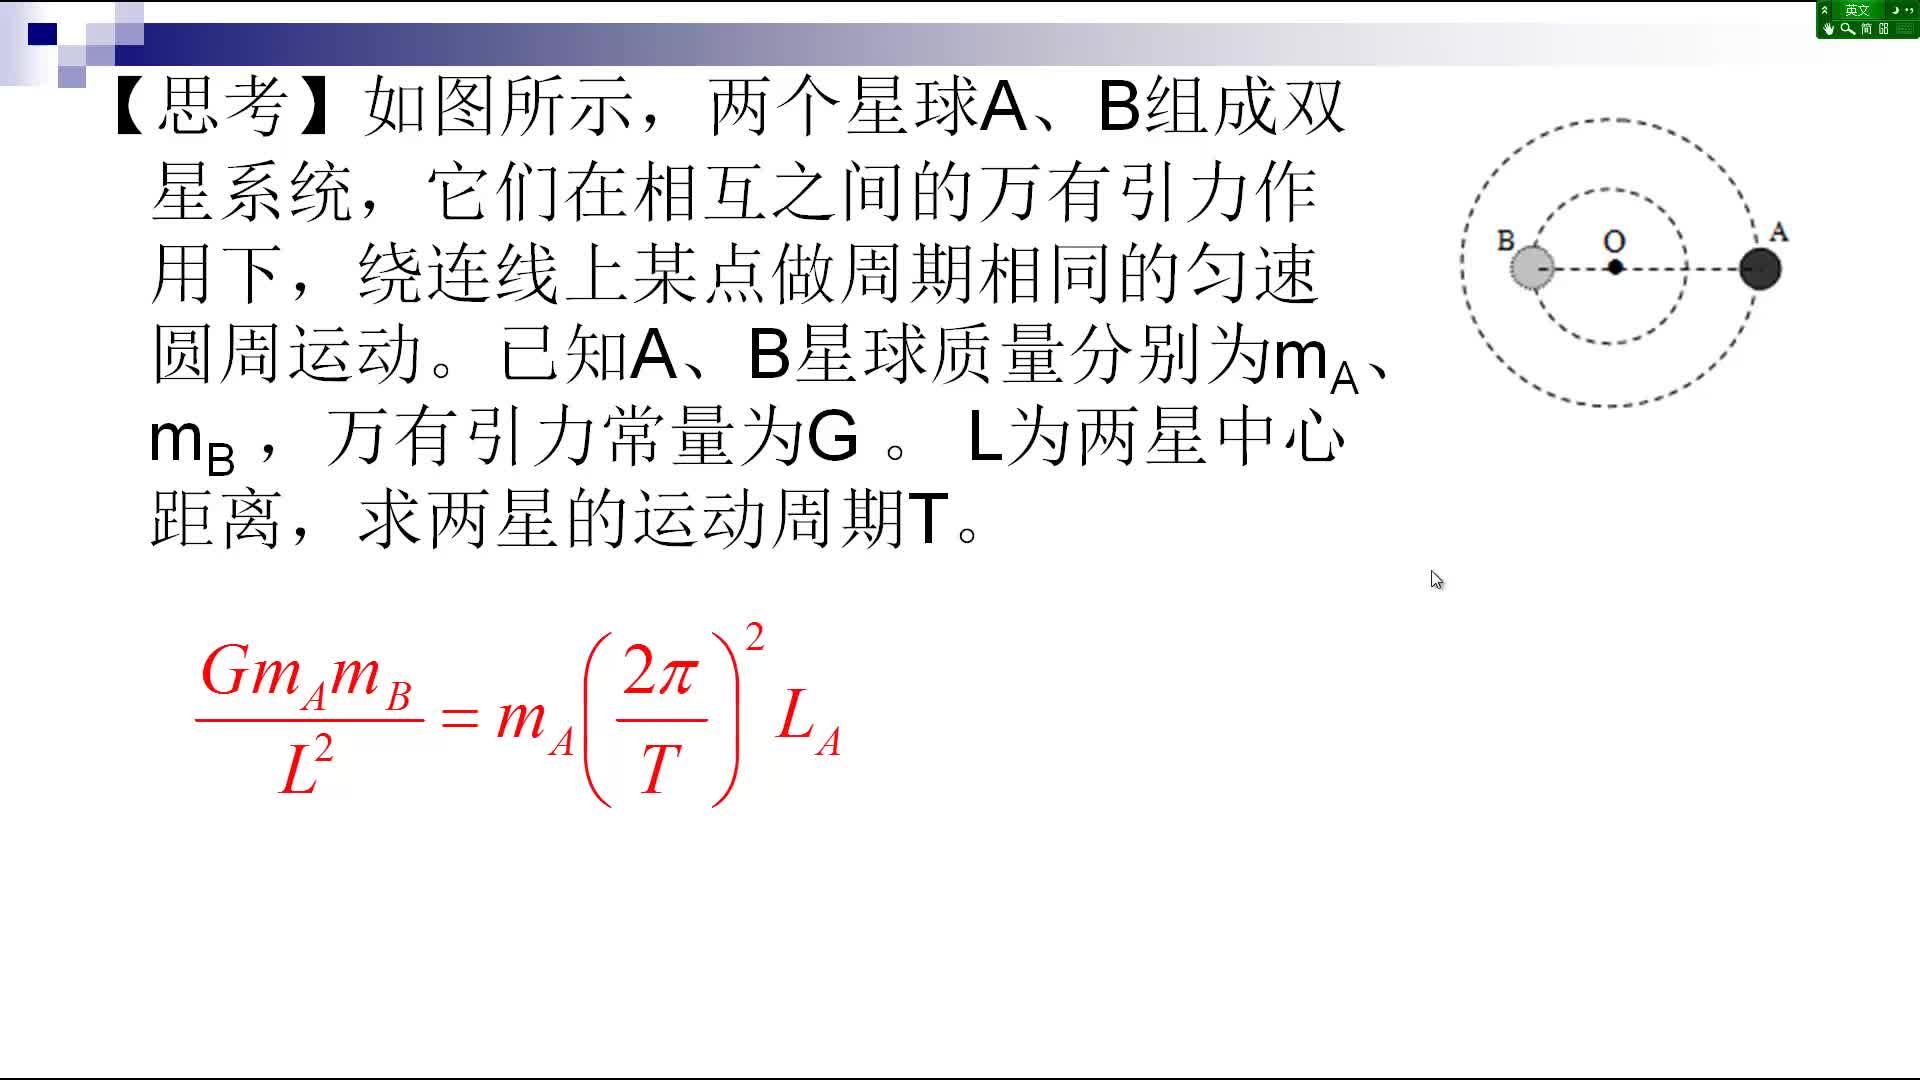 人教版必修二 6.4万有引力定律-双星模型(万有引力定律难点辨析)